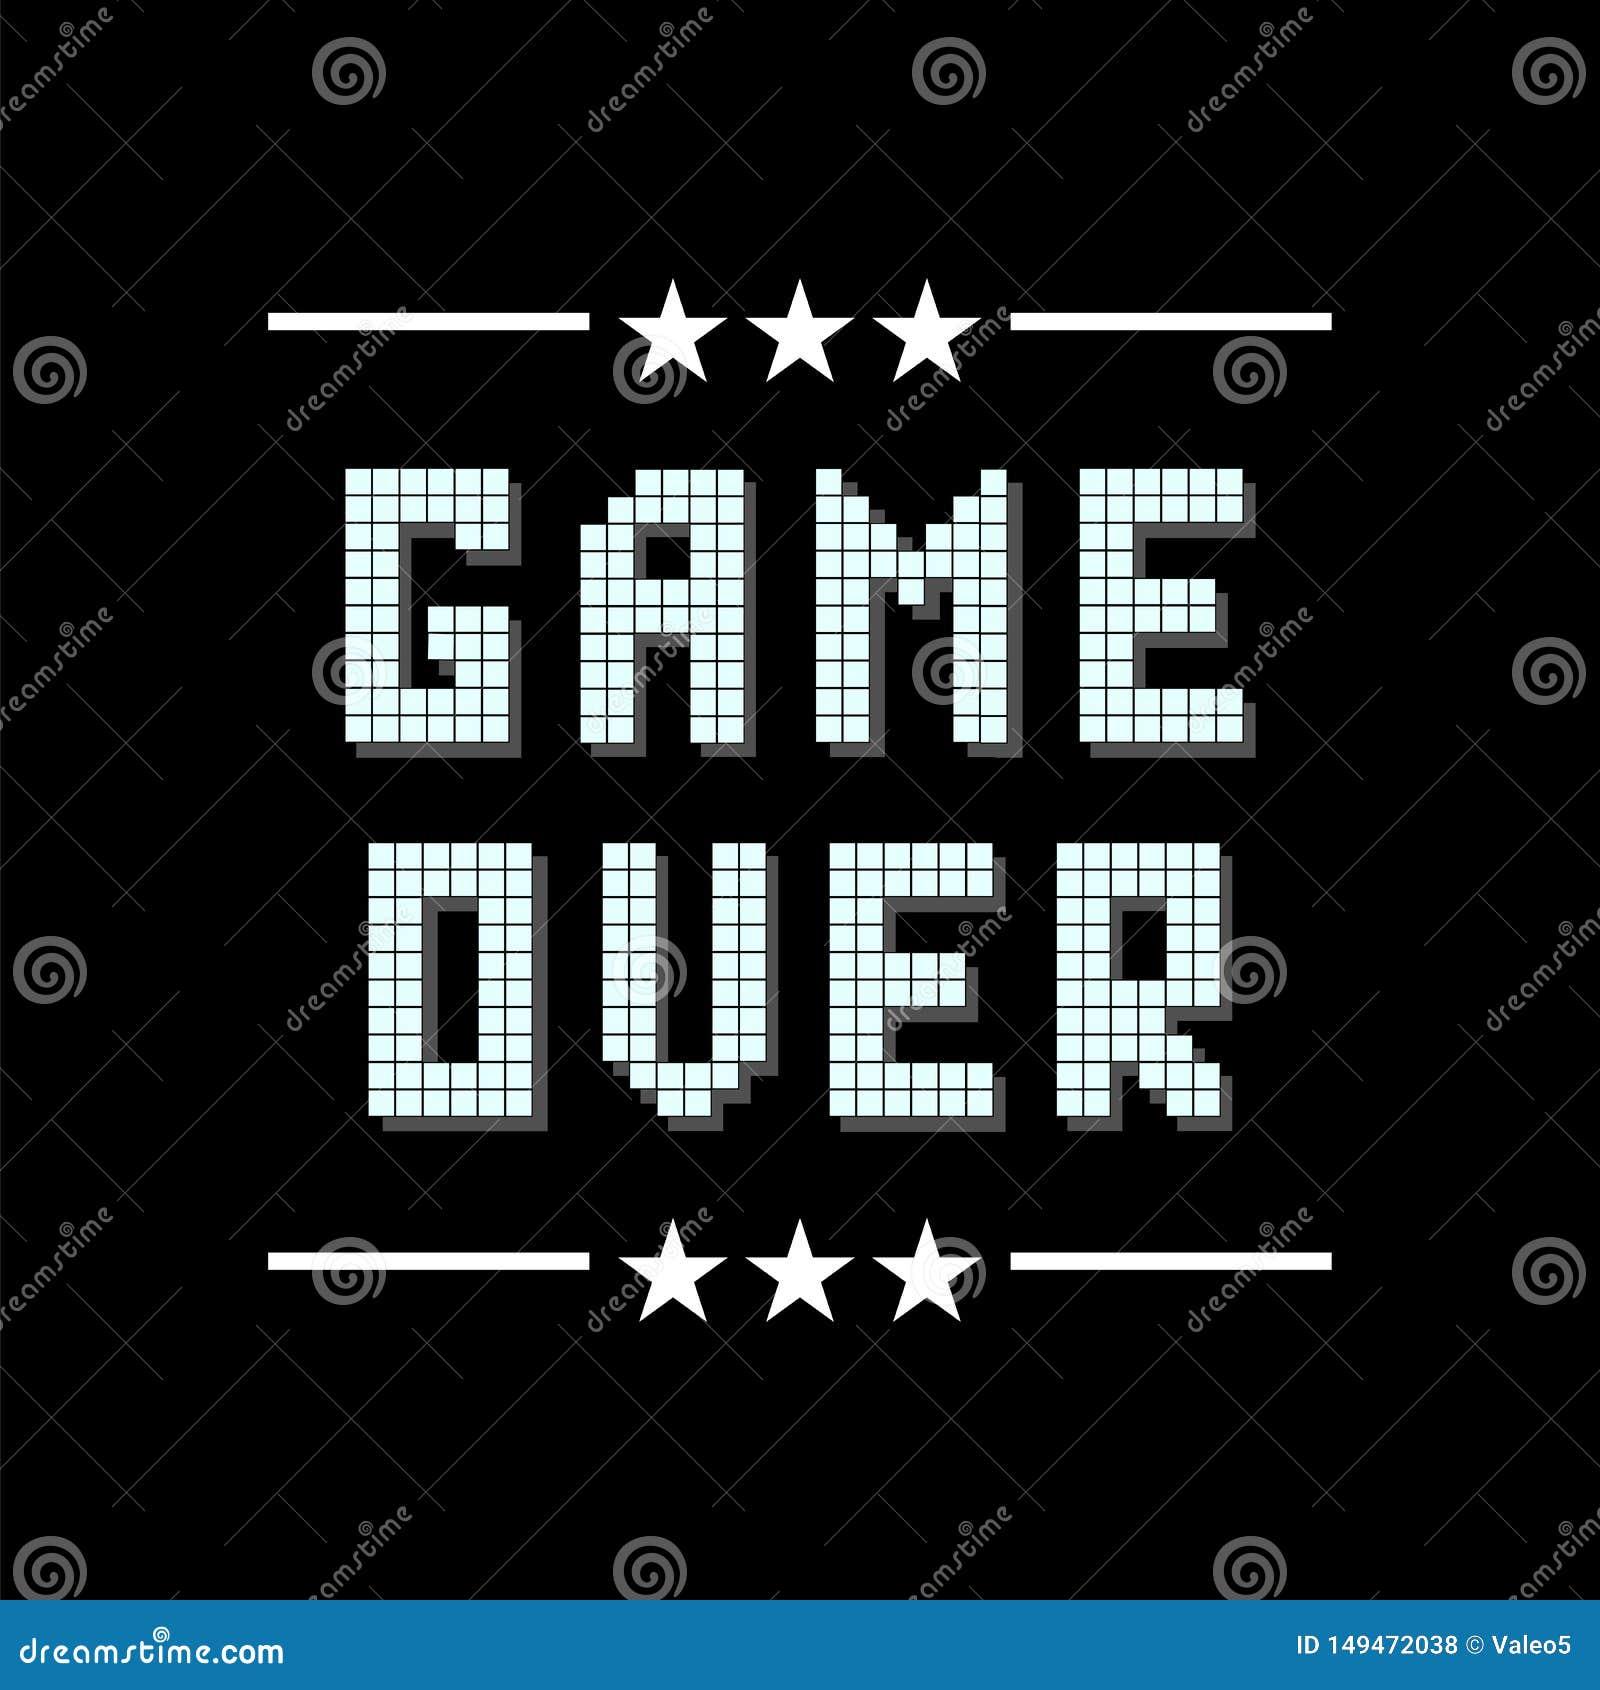 Retro- Pixel-Spiel ?ber Zeichen mit Sternen auf schwarzem Hintergrund Spielkonzept Videospiel-Schirm